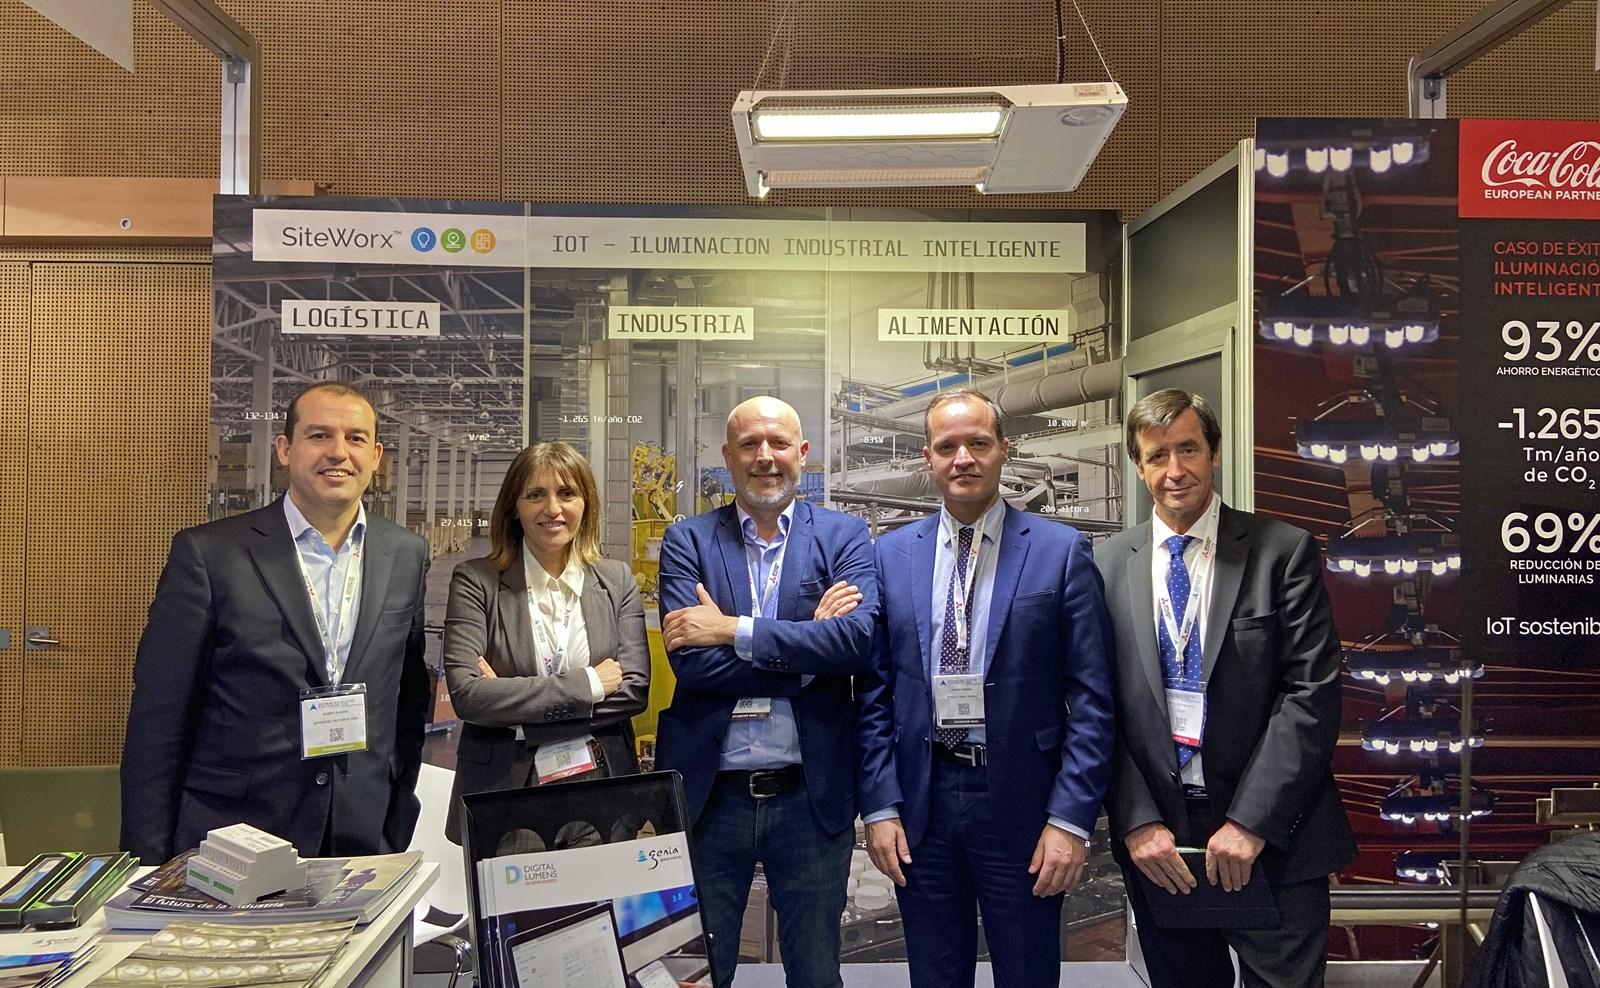 En la inauguración visitaron nuestro stand Empar Martinez Bonafé, directora general de Industria, Energía y Minas de la Generalitat Valenciana, y Albert Planas Riera, director de Advanced Factories